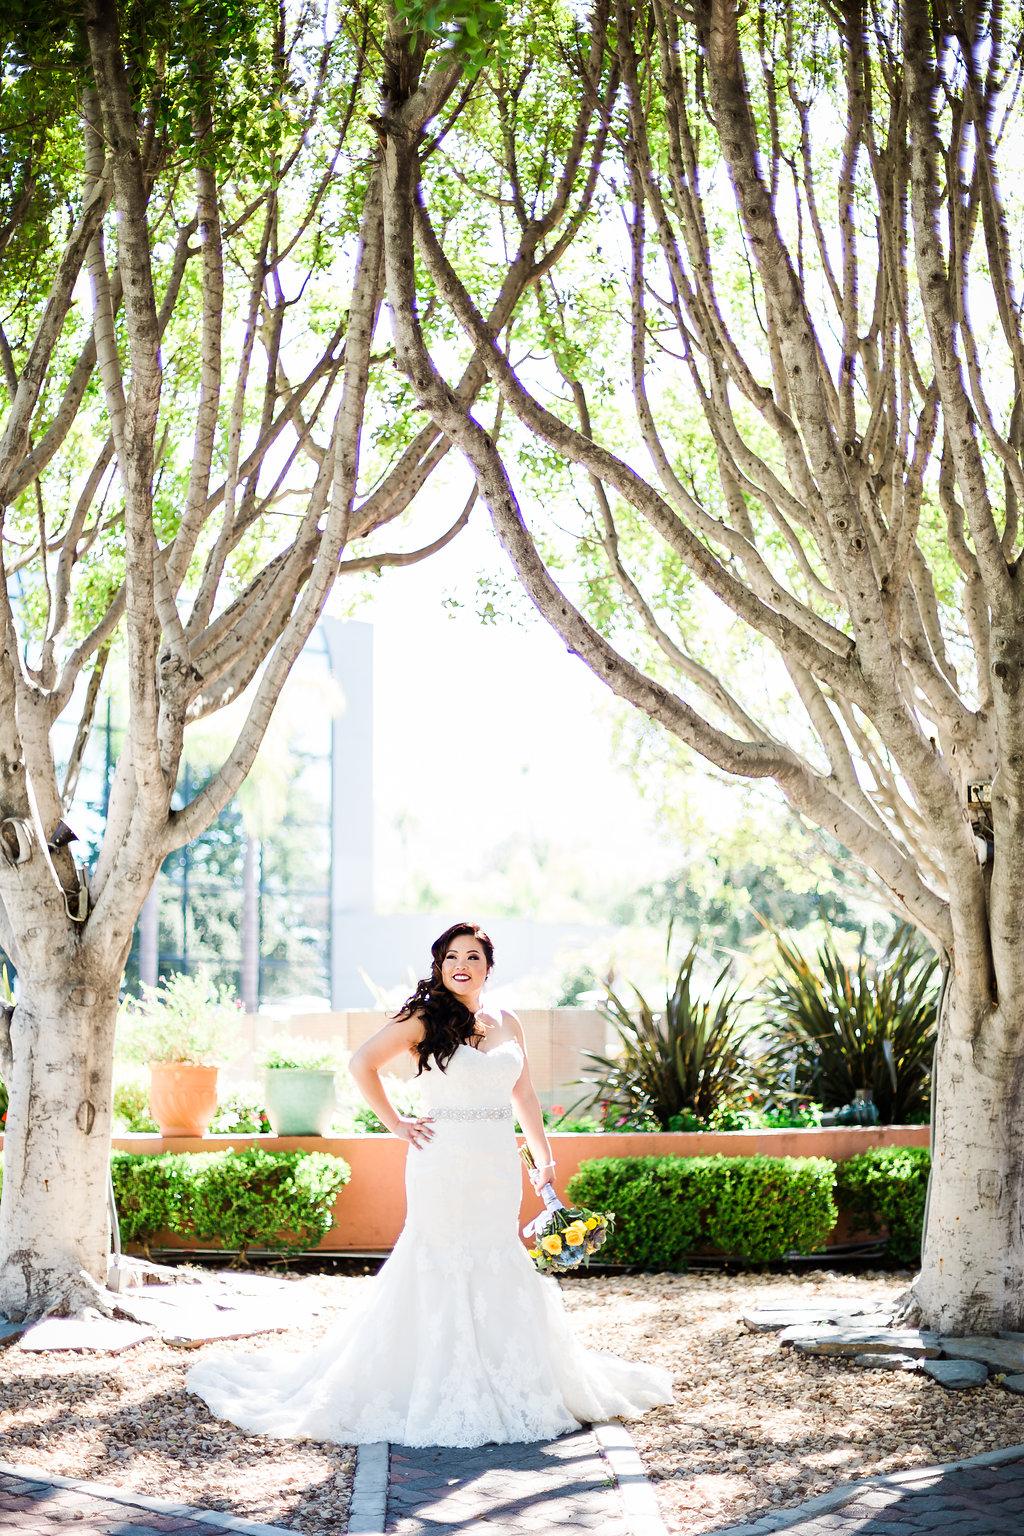 Shawn-Samantha-Wedding-148.jpg